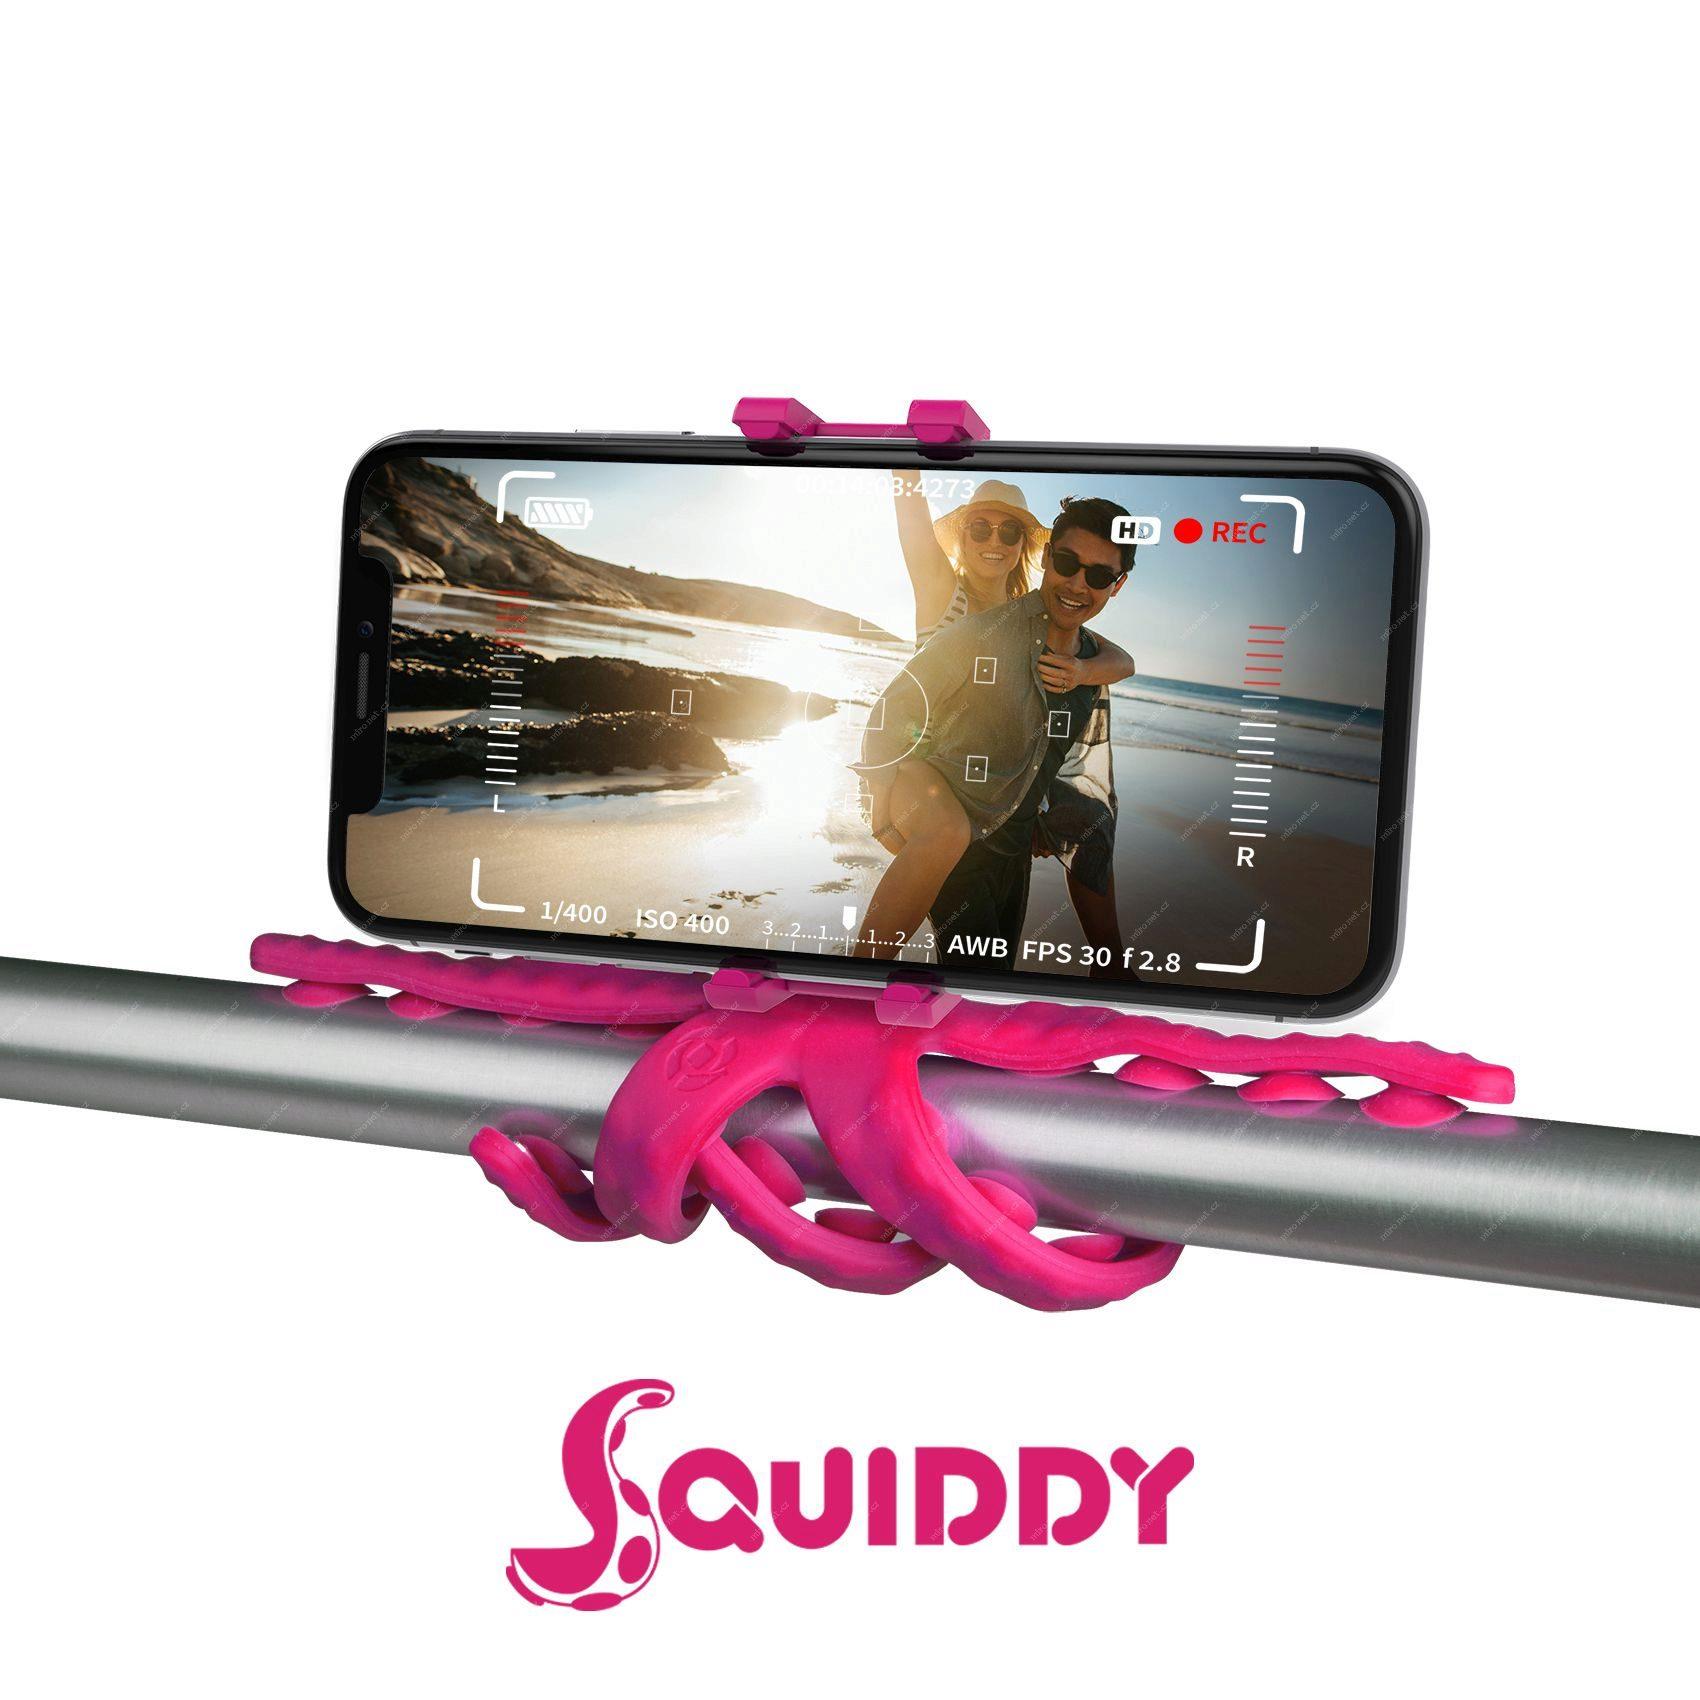 69379303 - CELLY Squiddy Flexibilní držák s přísavkami pro telefony do 6.2